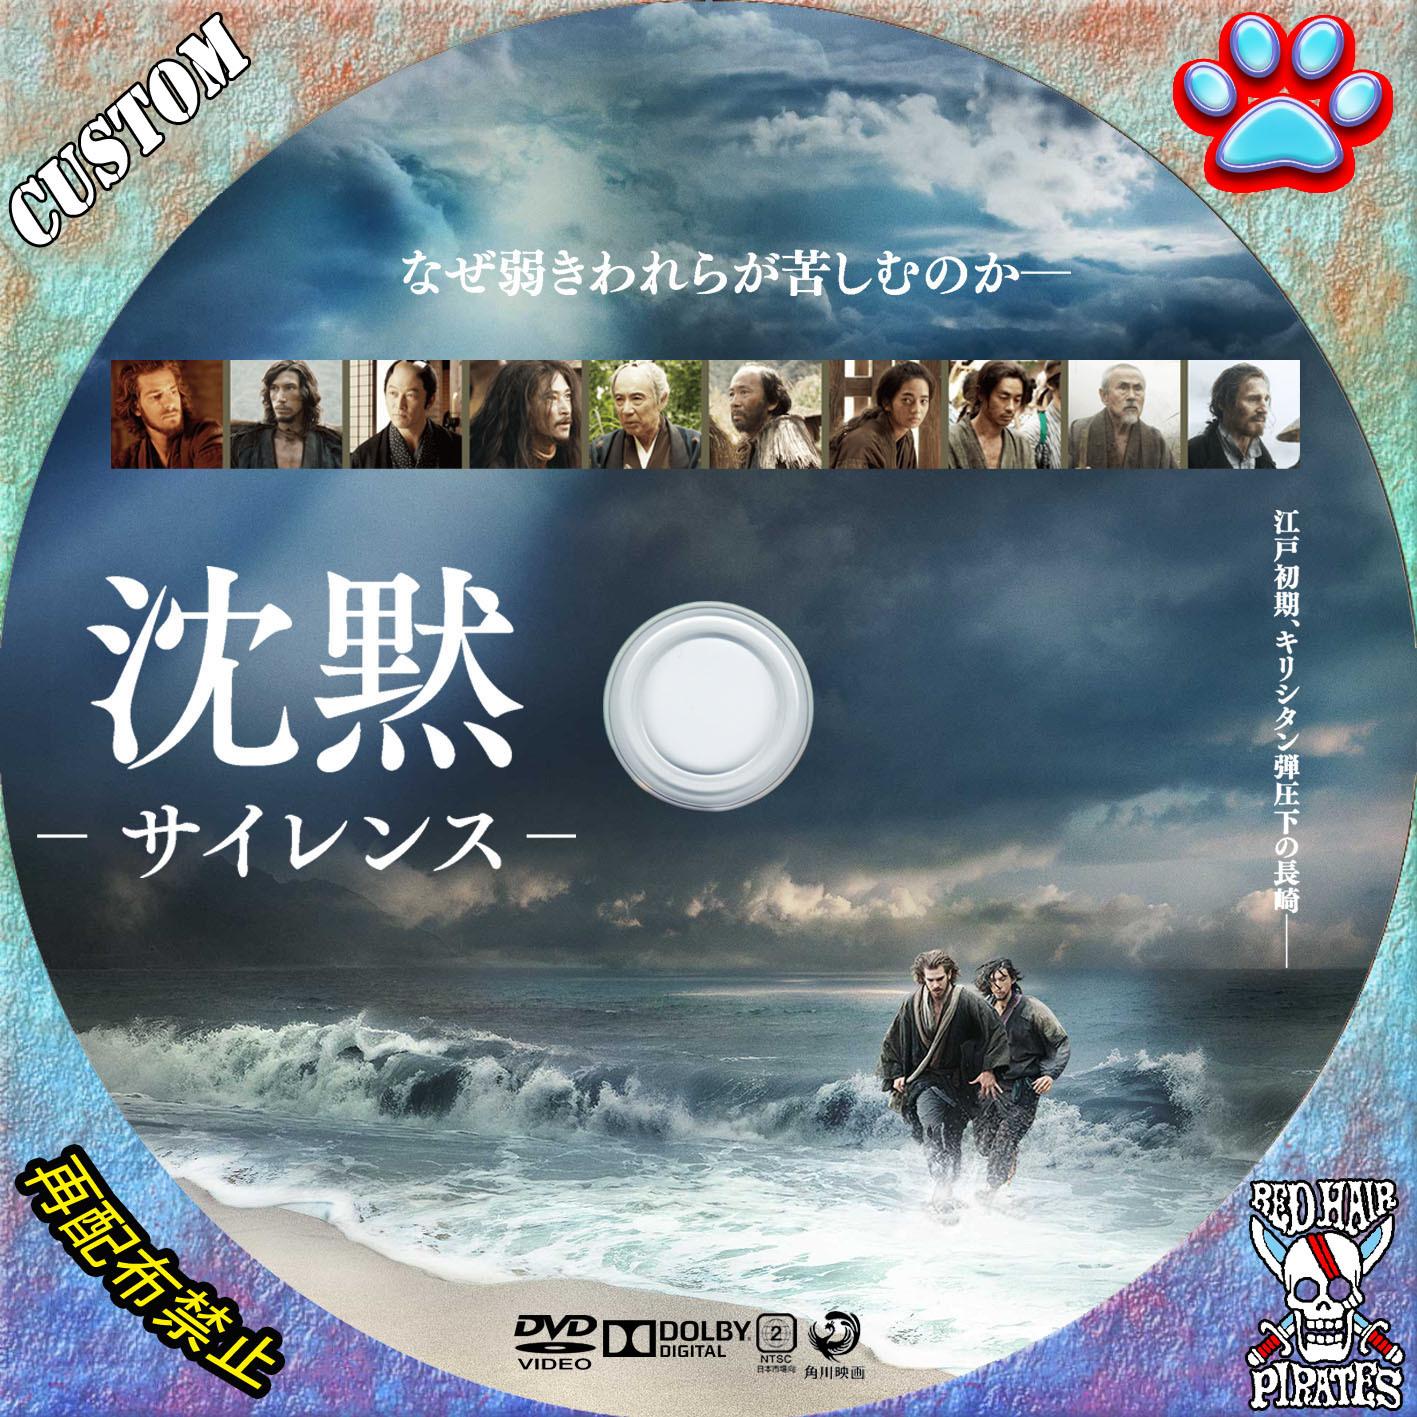 沈黙 遠藤 周作 dvd